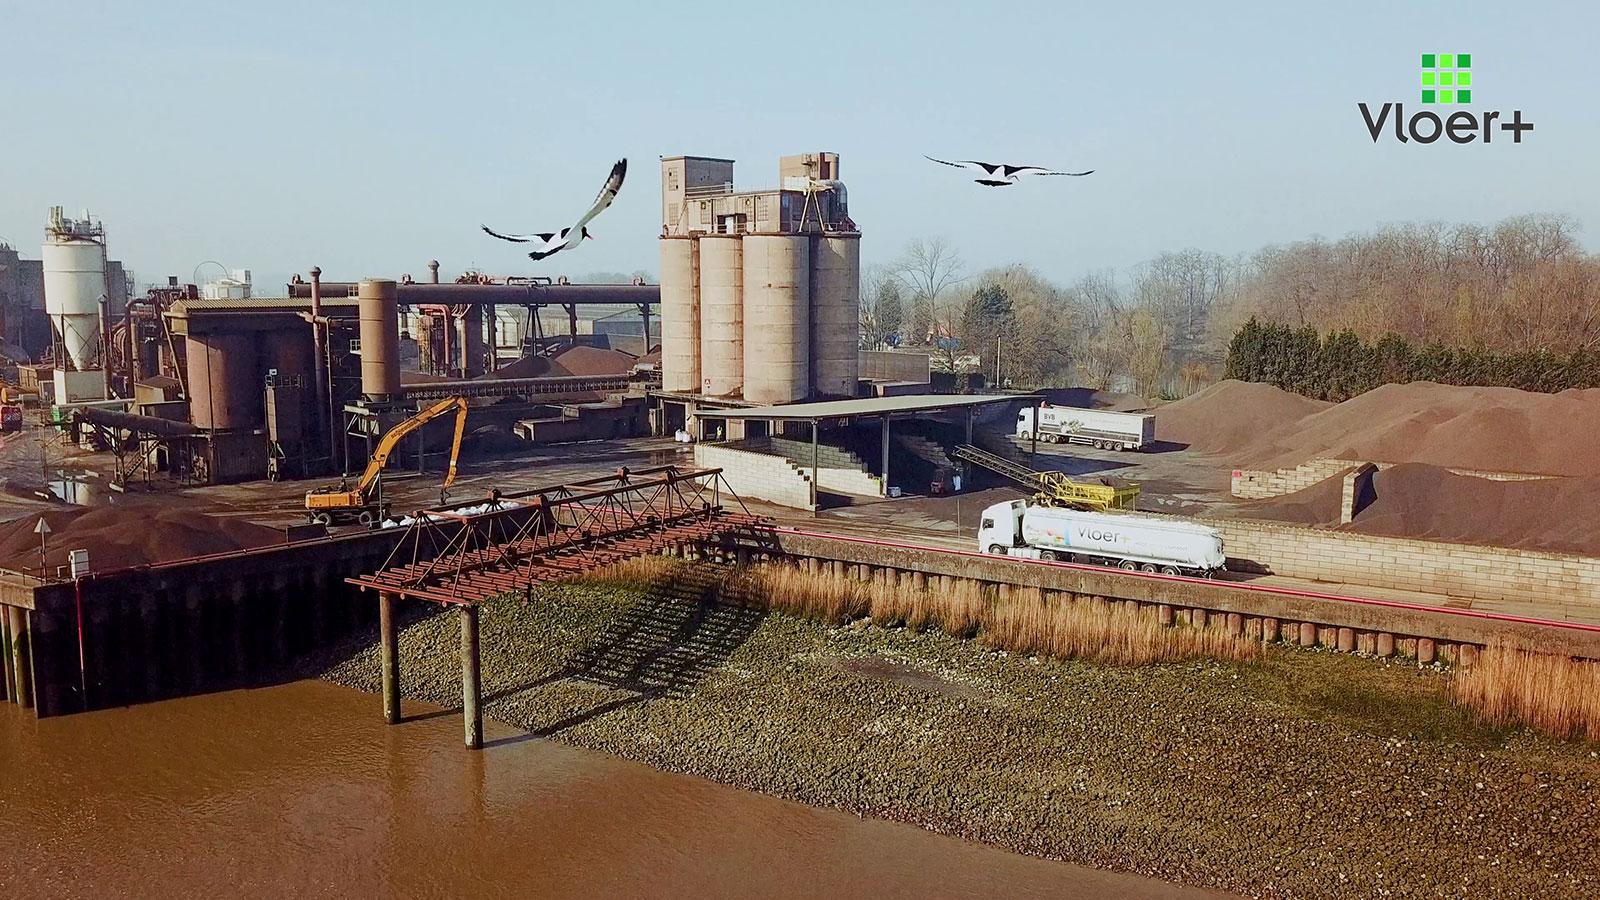 Filmproductiebedrijf opname drone Argex promotiefilm-laten-maken--fabriek-buitenland